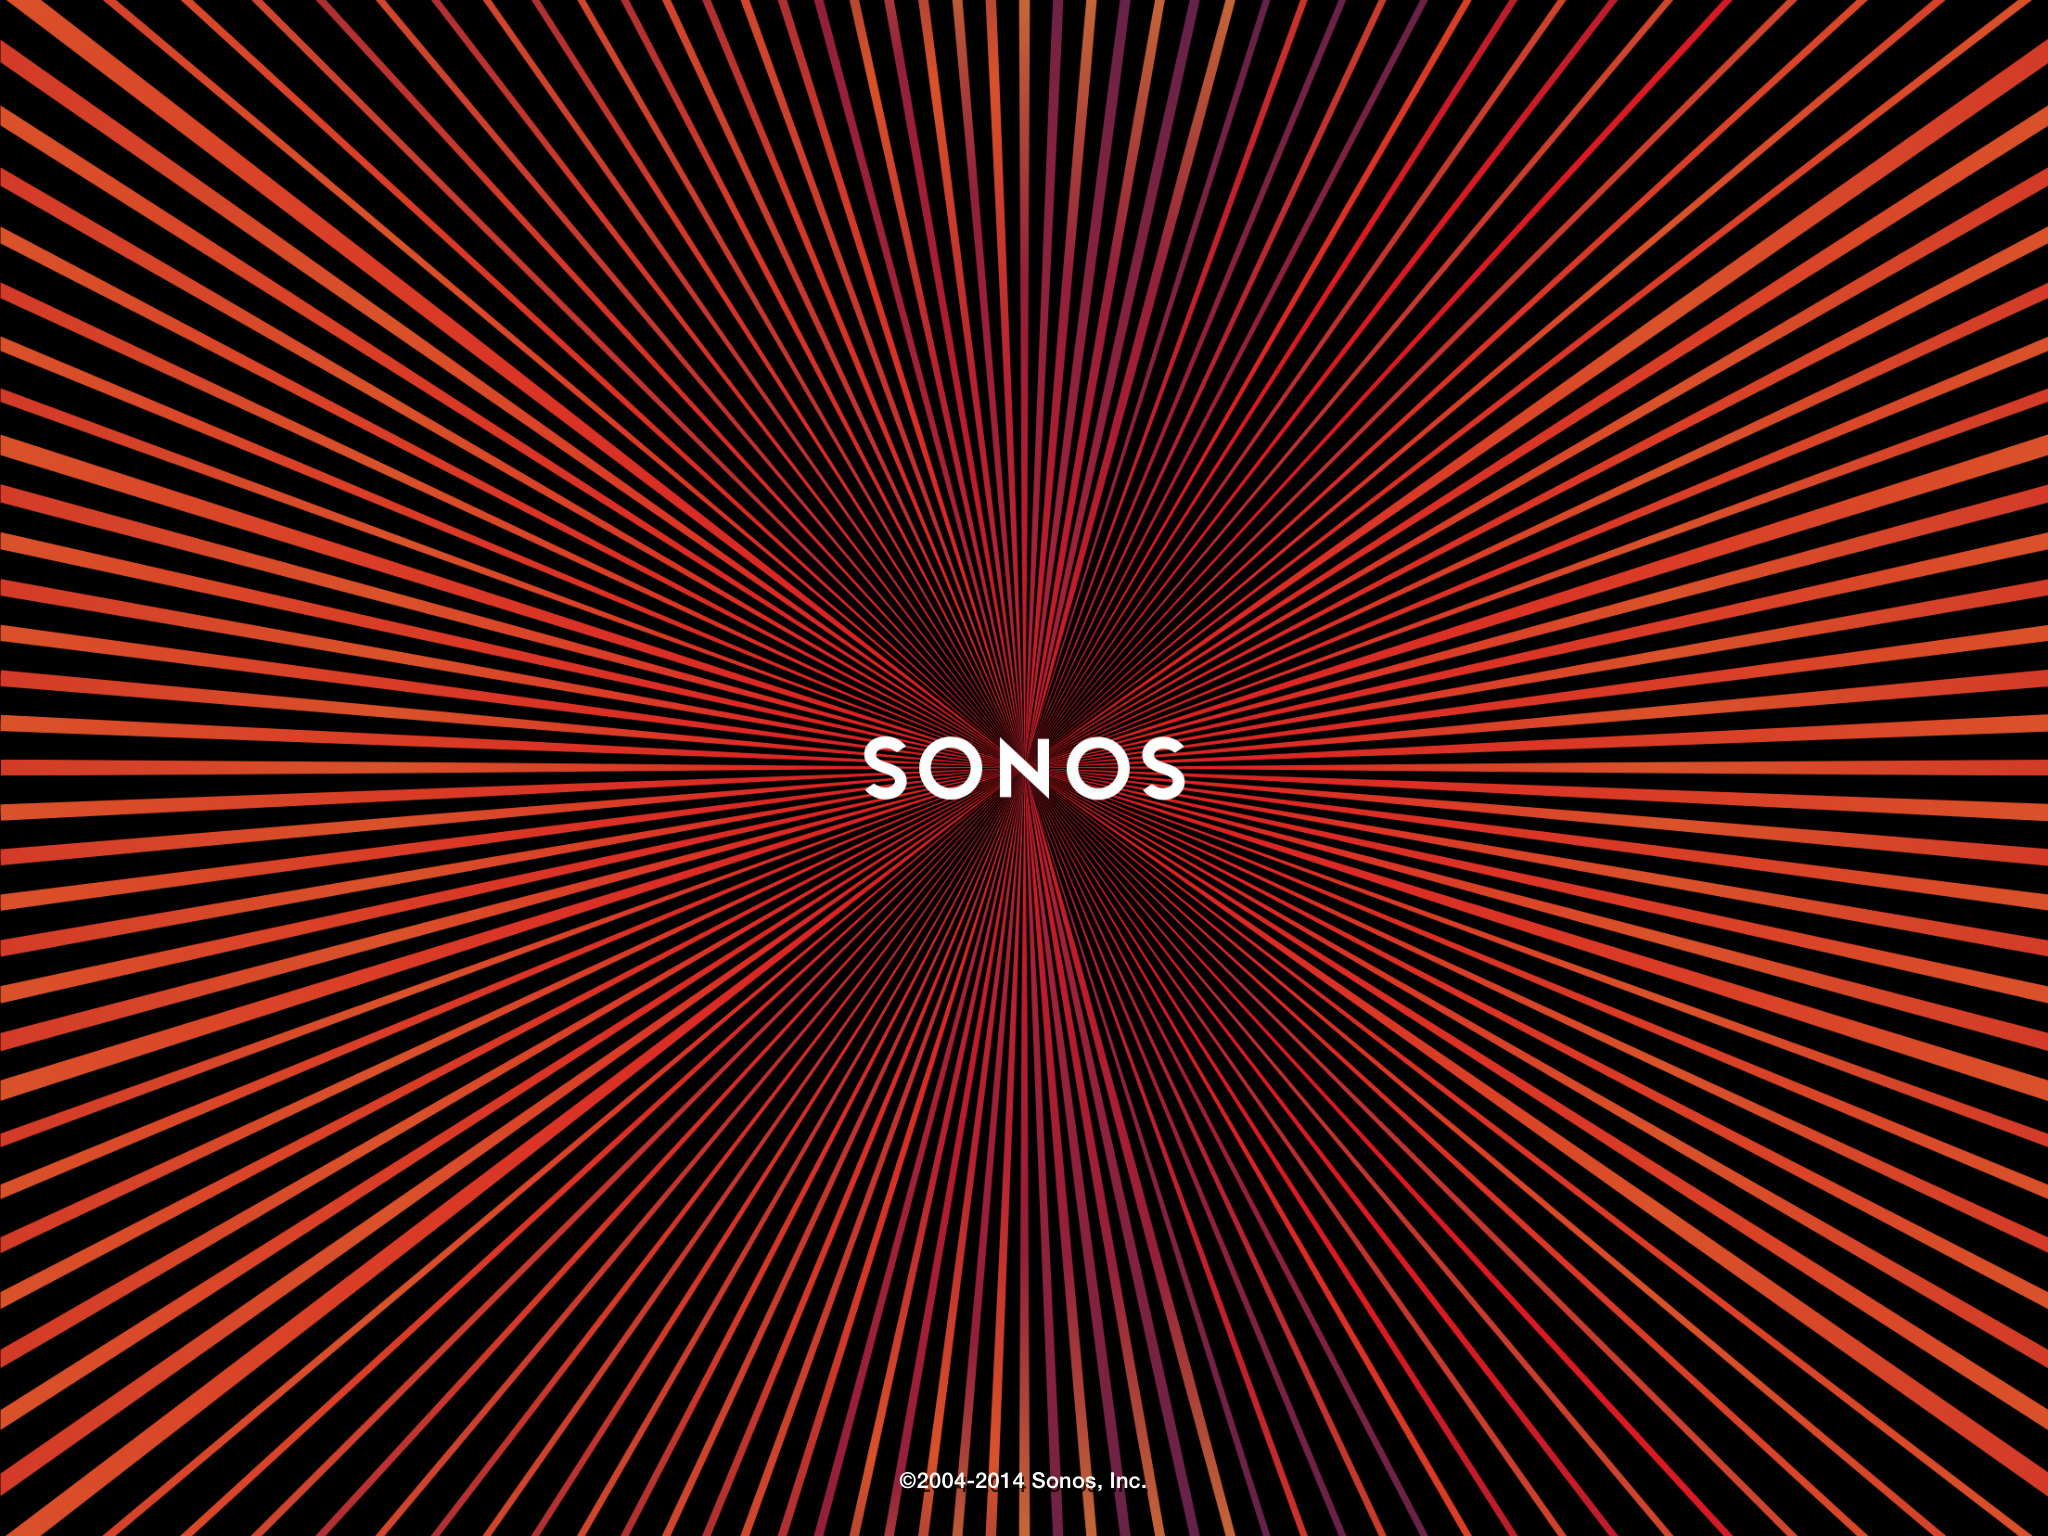 Sonos update brings nice improvements to the Play:1 speaker